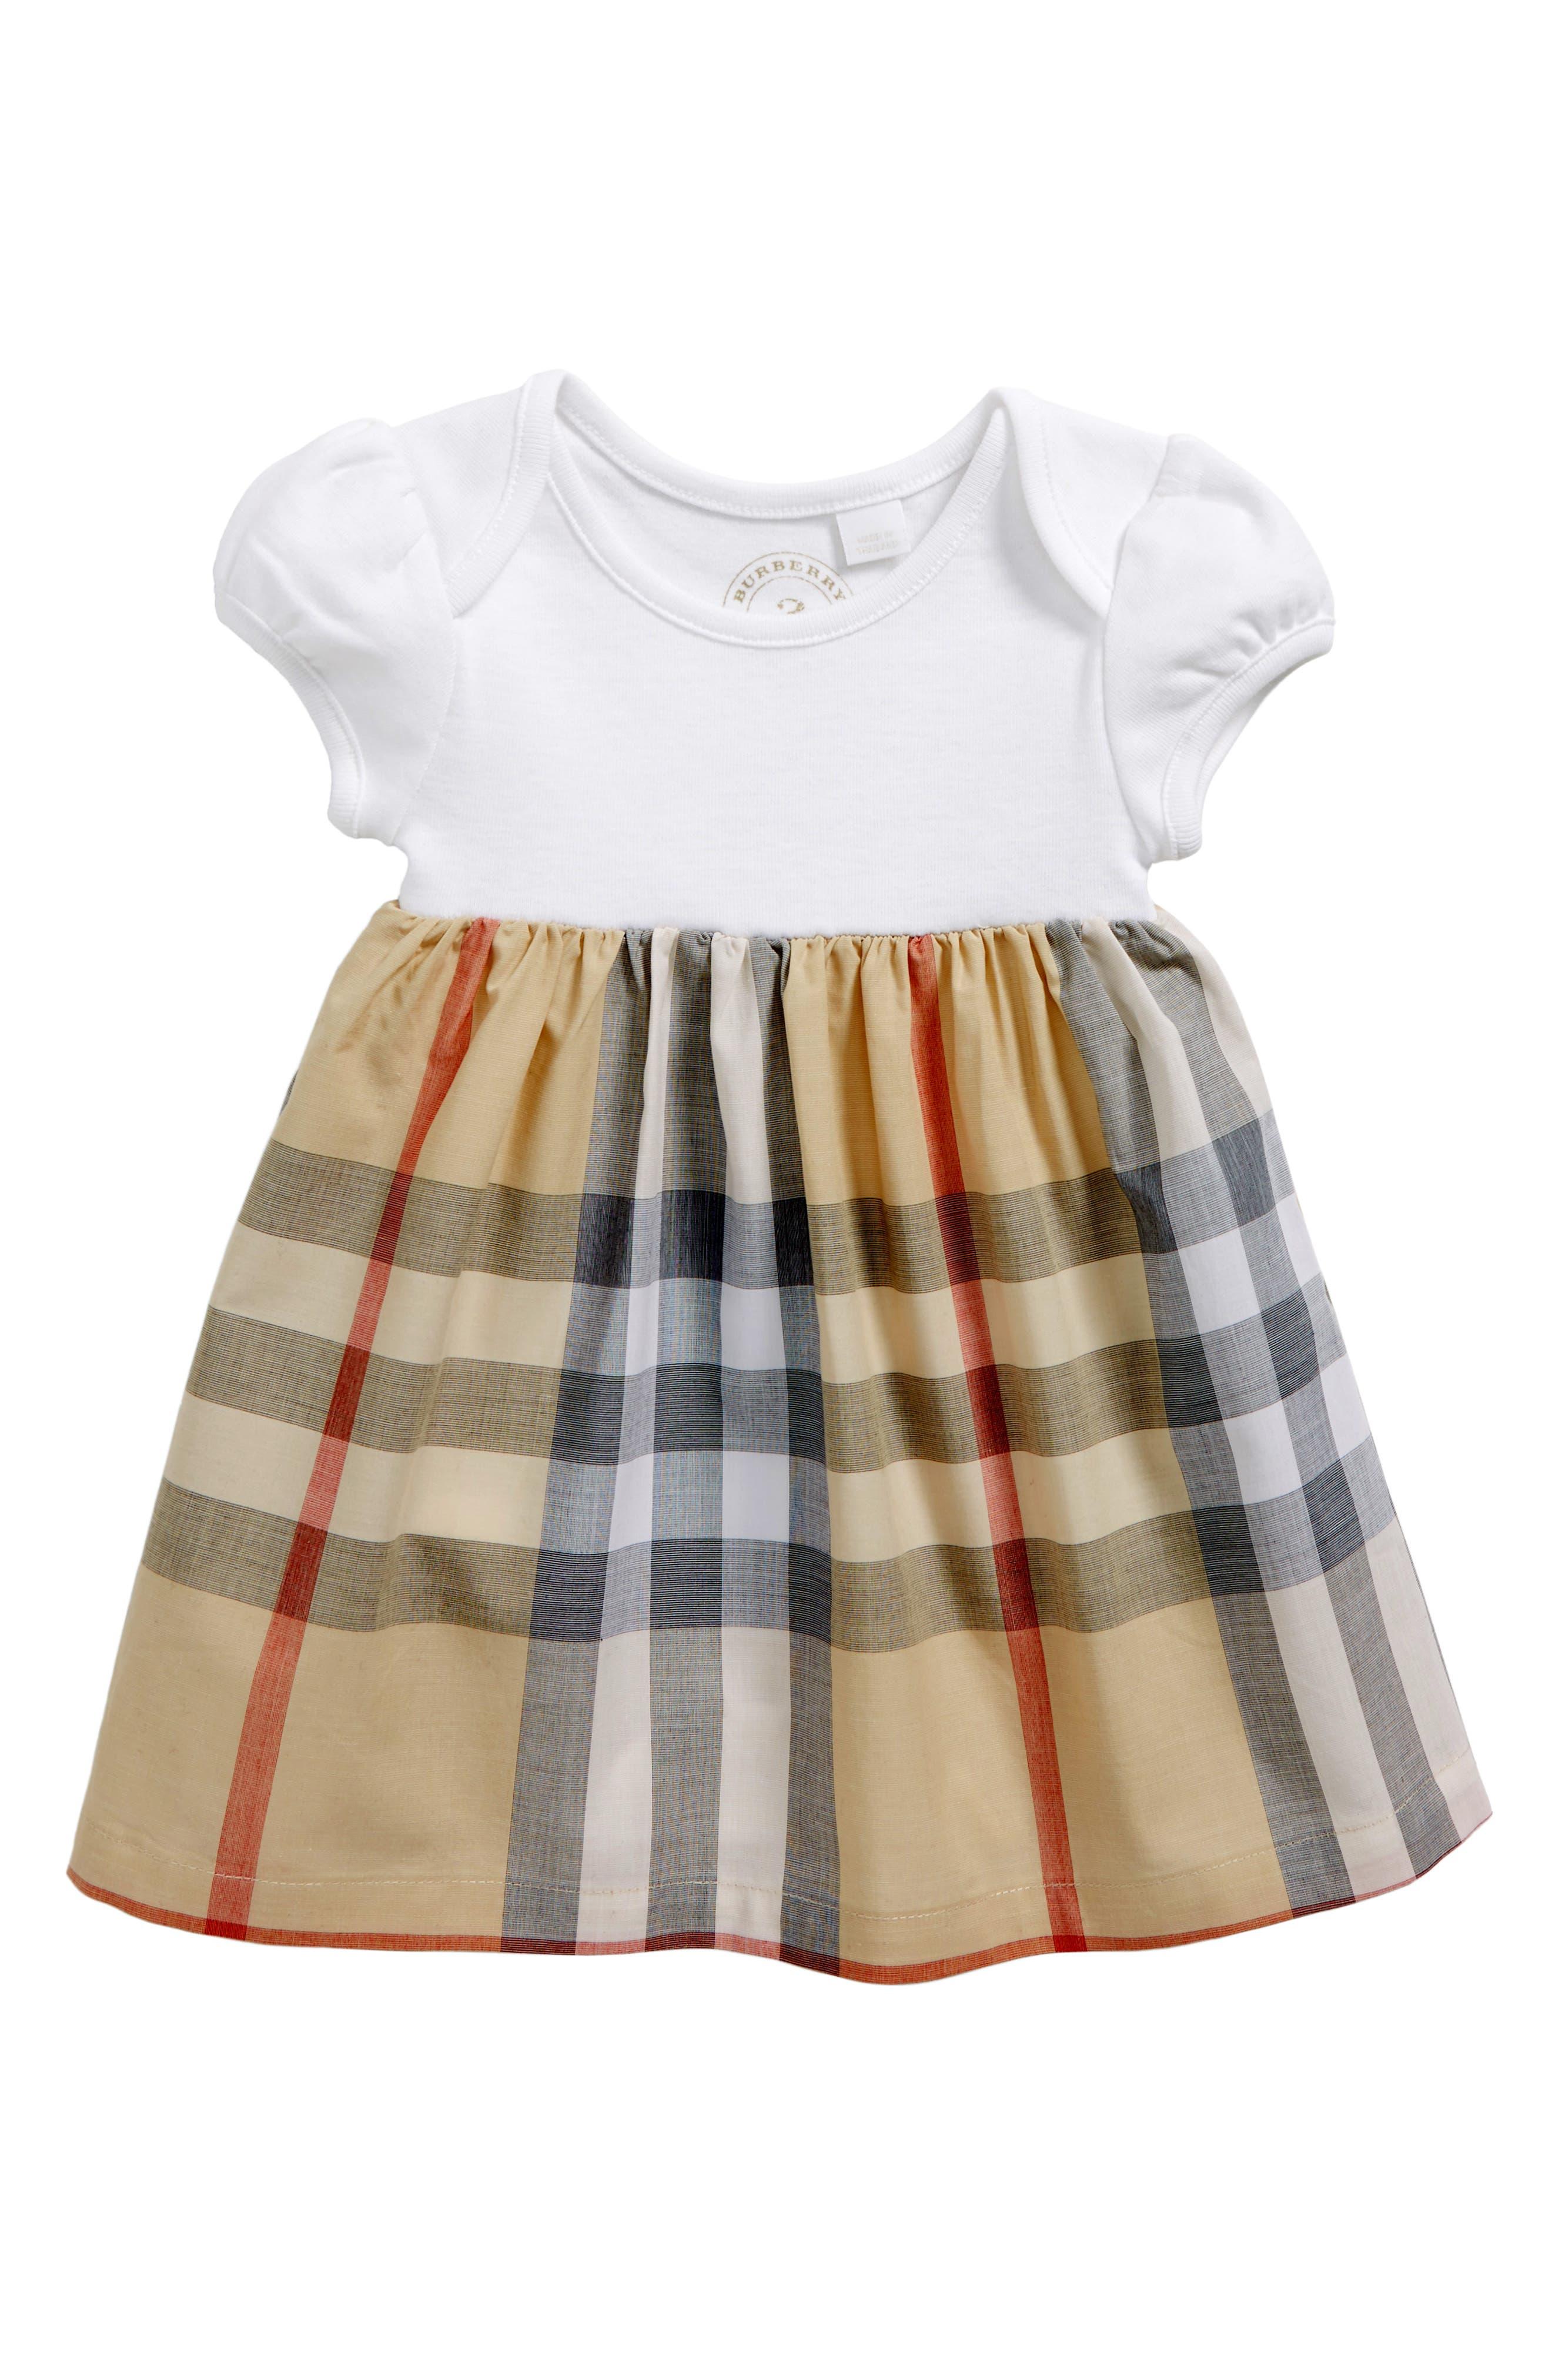 Cherrylina Check Dress,                             Main thumbnail 1, color,                             271